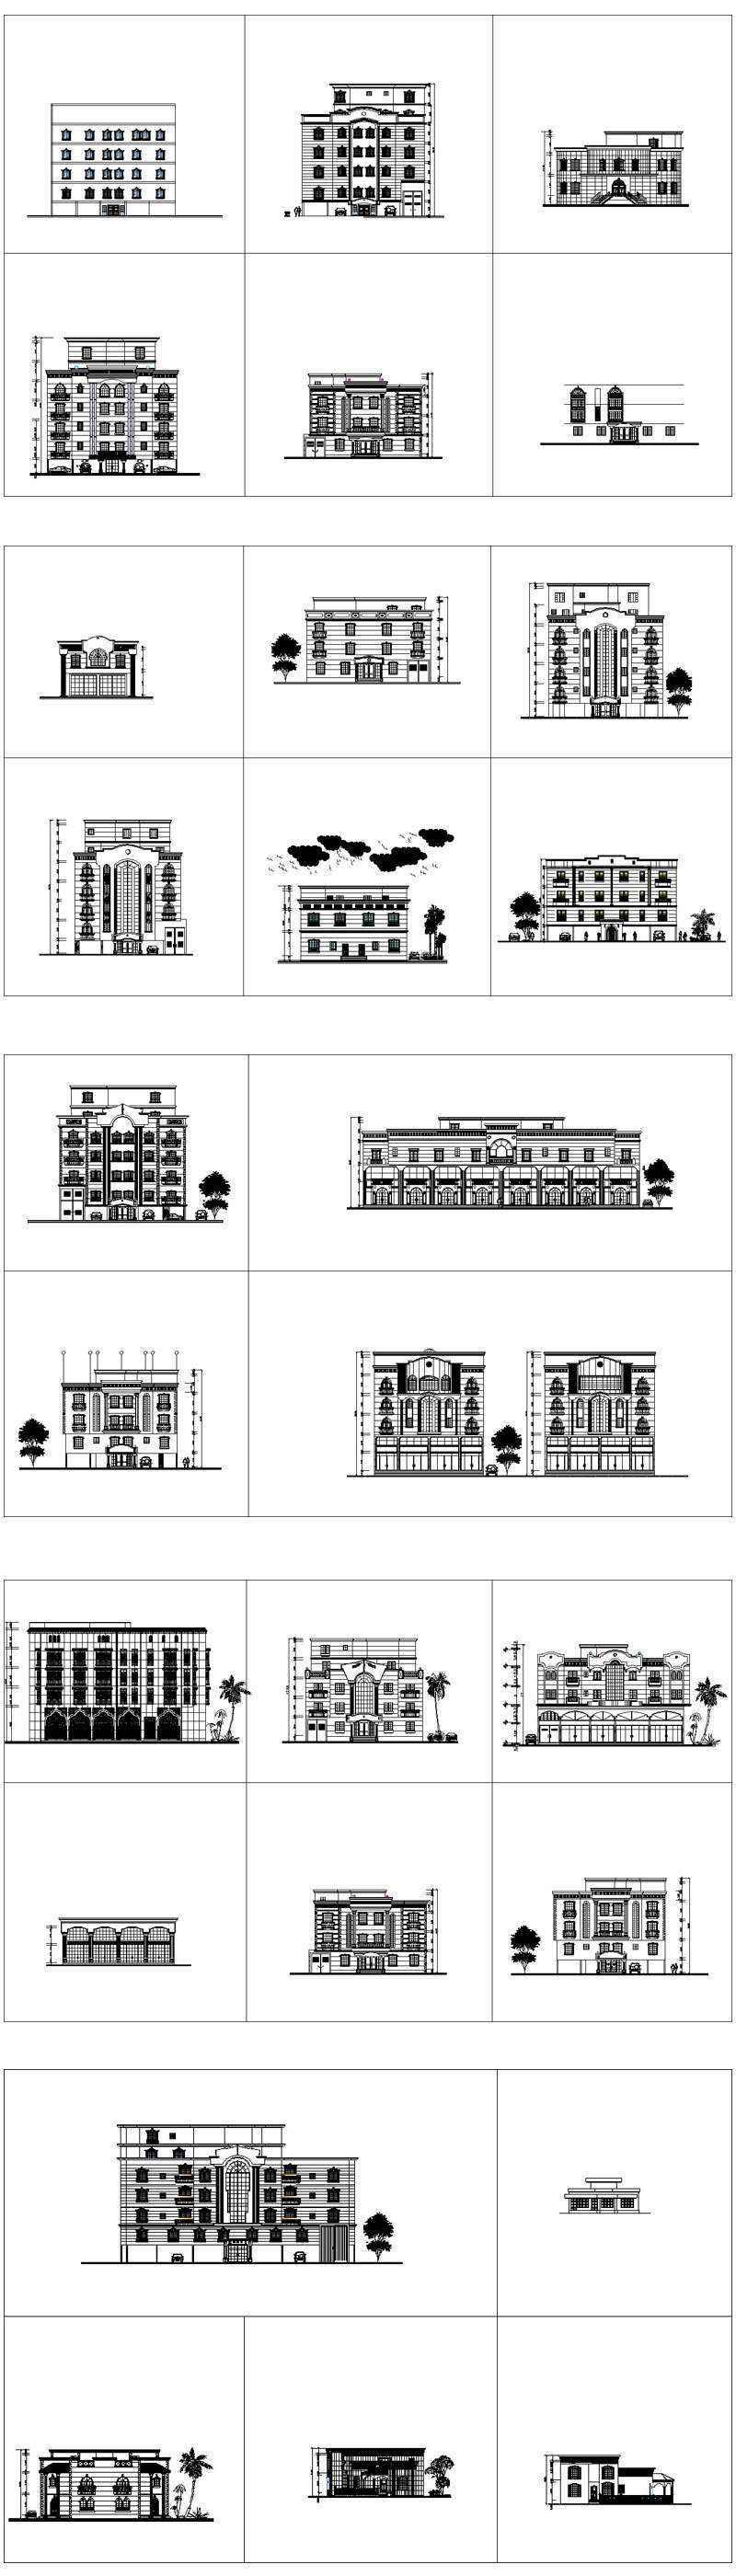 ★【Interior Design CAD Design,Details,Elevation Collection V.2】Residential Building,Living room,Bedroom,Restroom,Decoration@Autocad Blocks,Drawings,CAD Details,Elevation